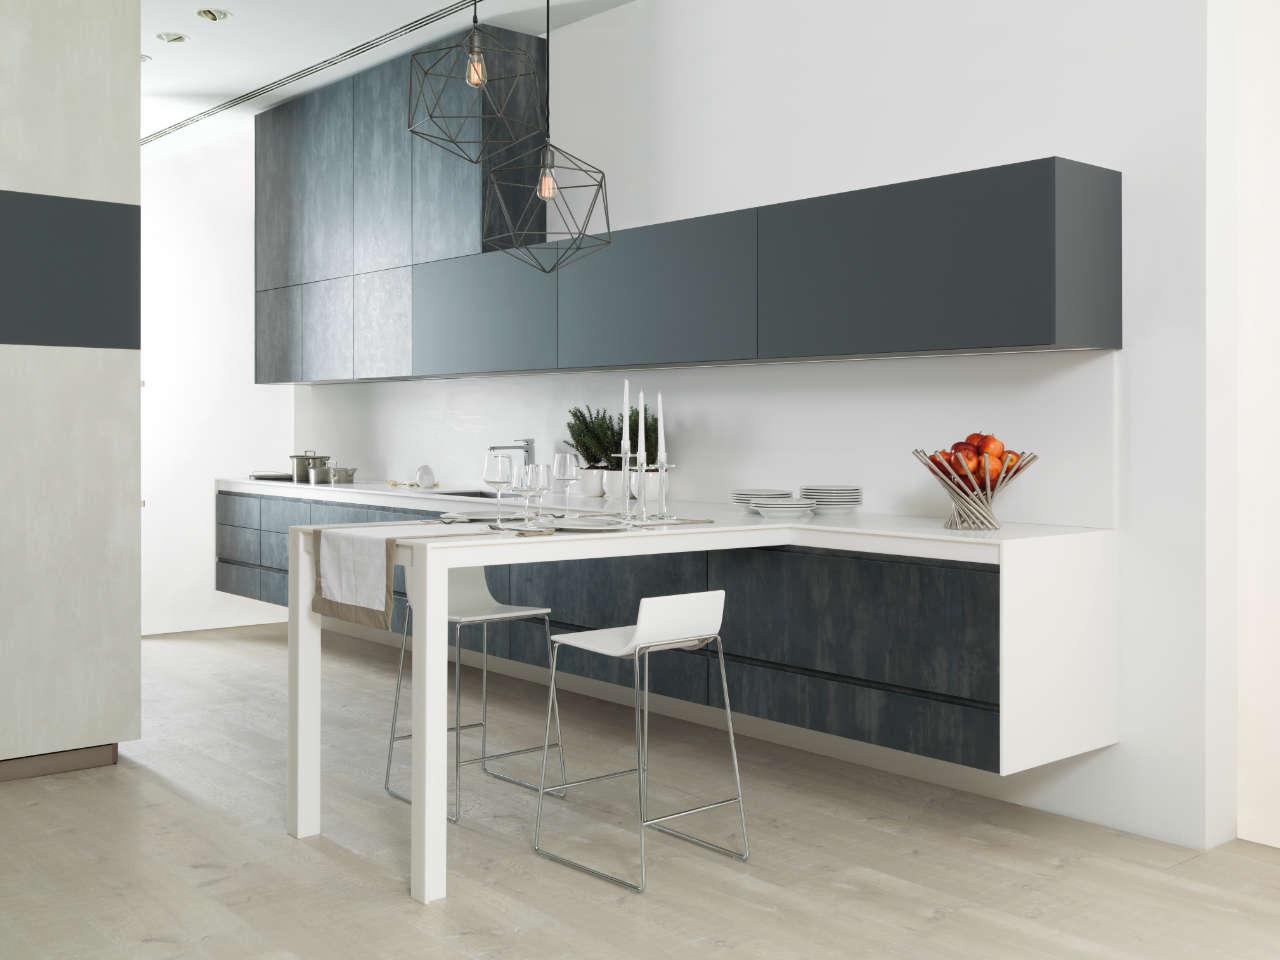 Muebles Cocina Bqdd Mobiliario Cocina Muebles De Cocina Modernos Porcelanosa Mundo De